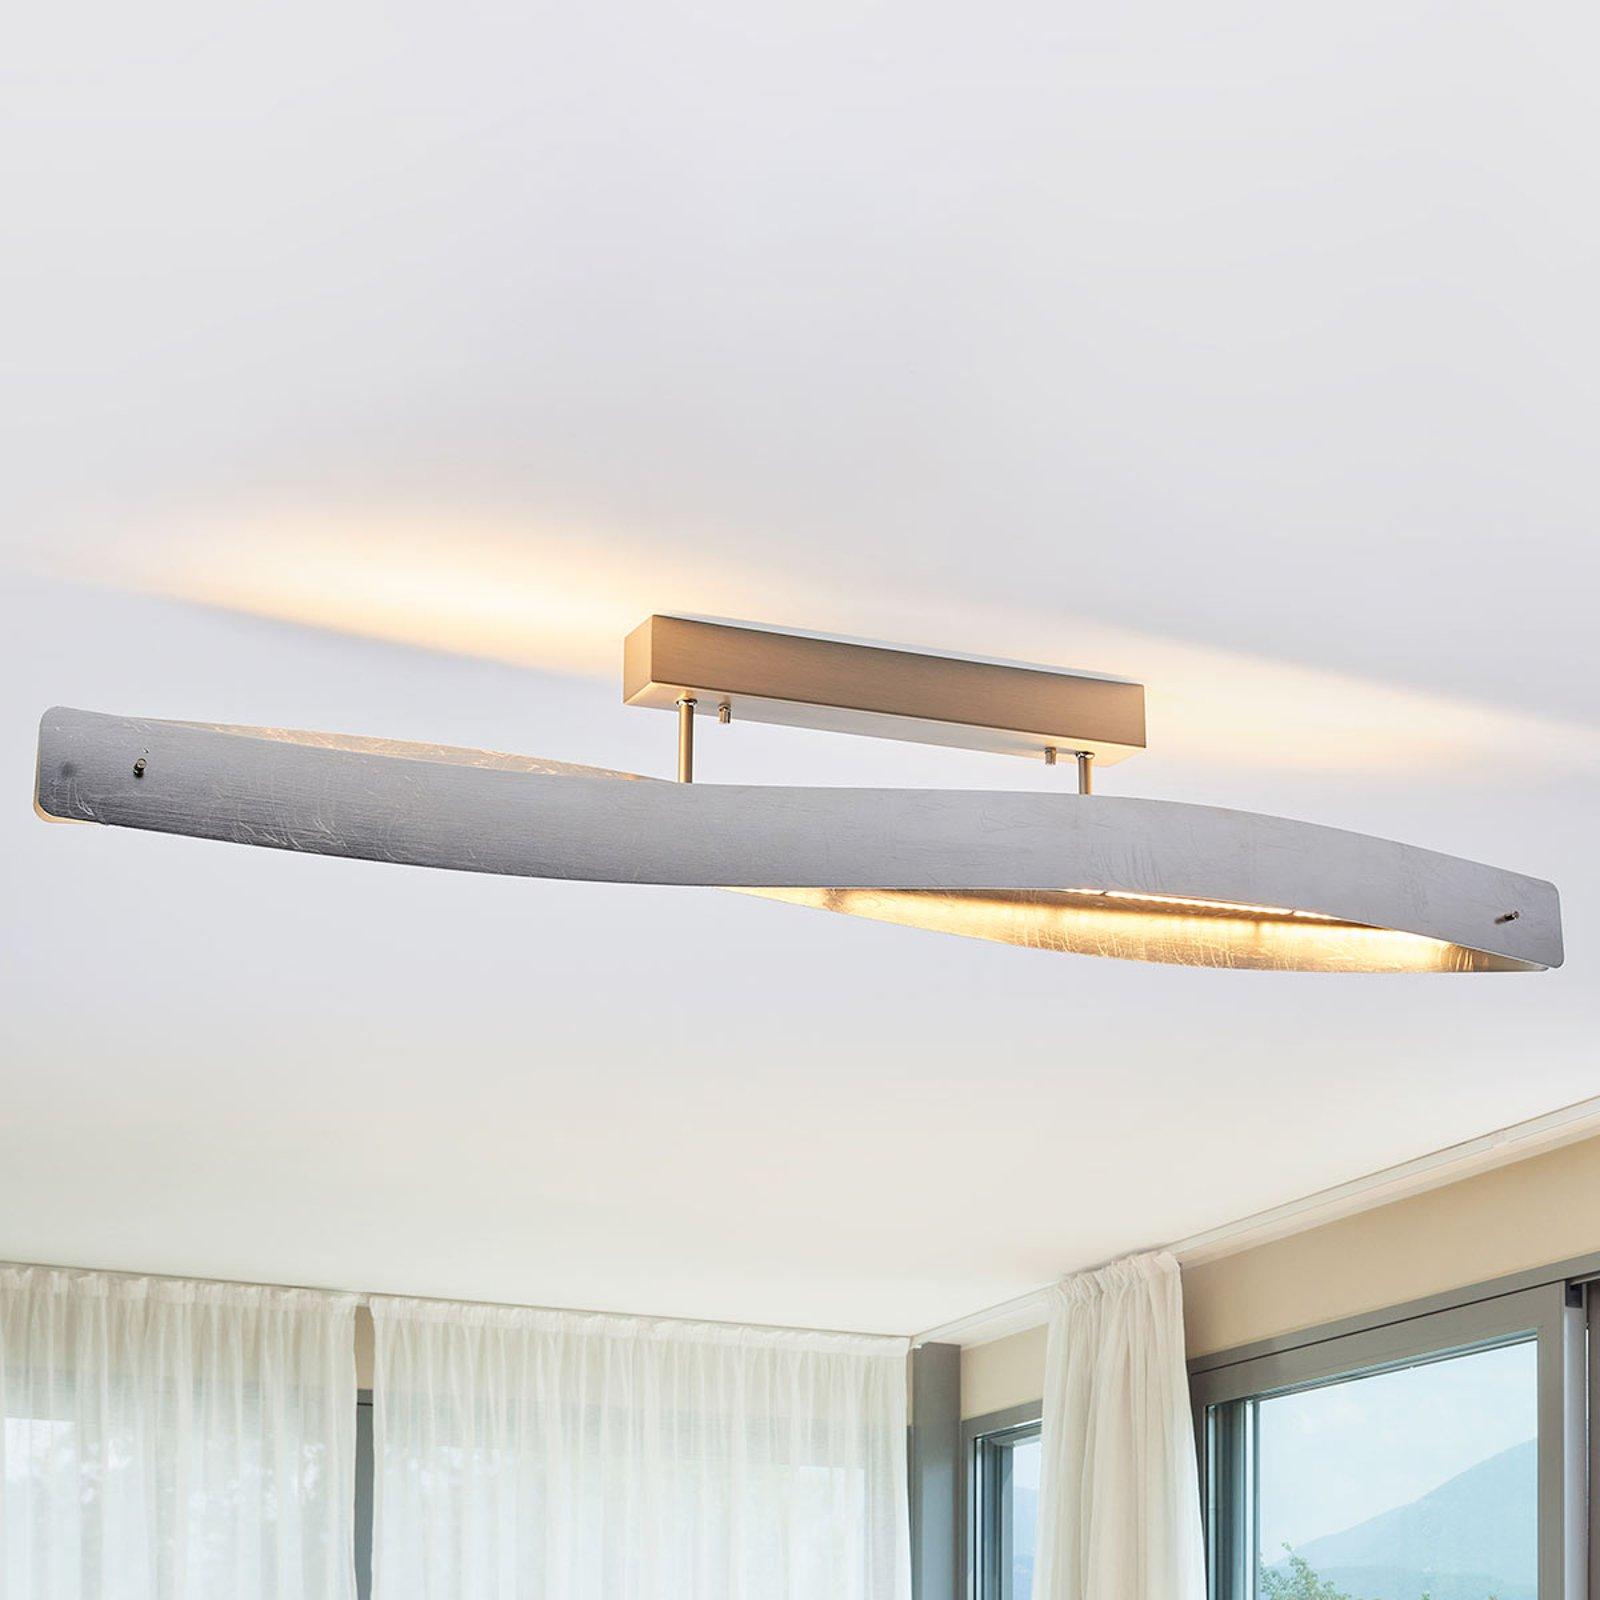 Sølvskinnende LED-taklampe Lian - dimbar